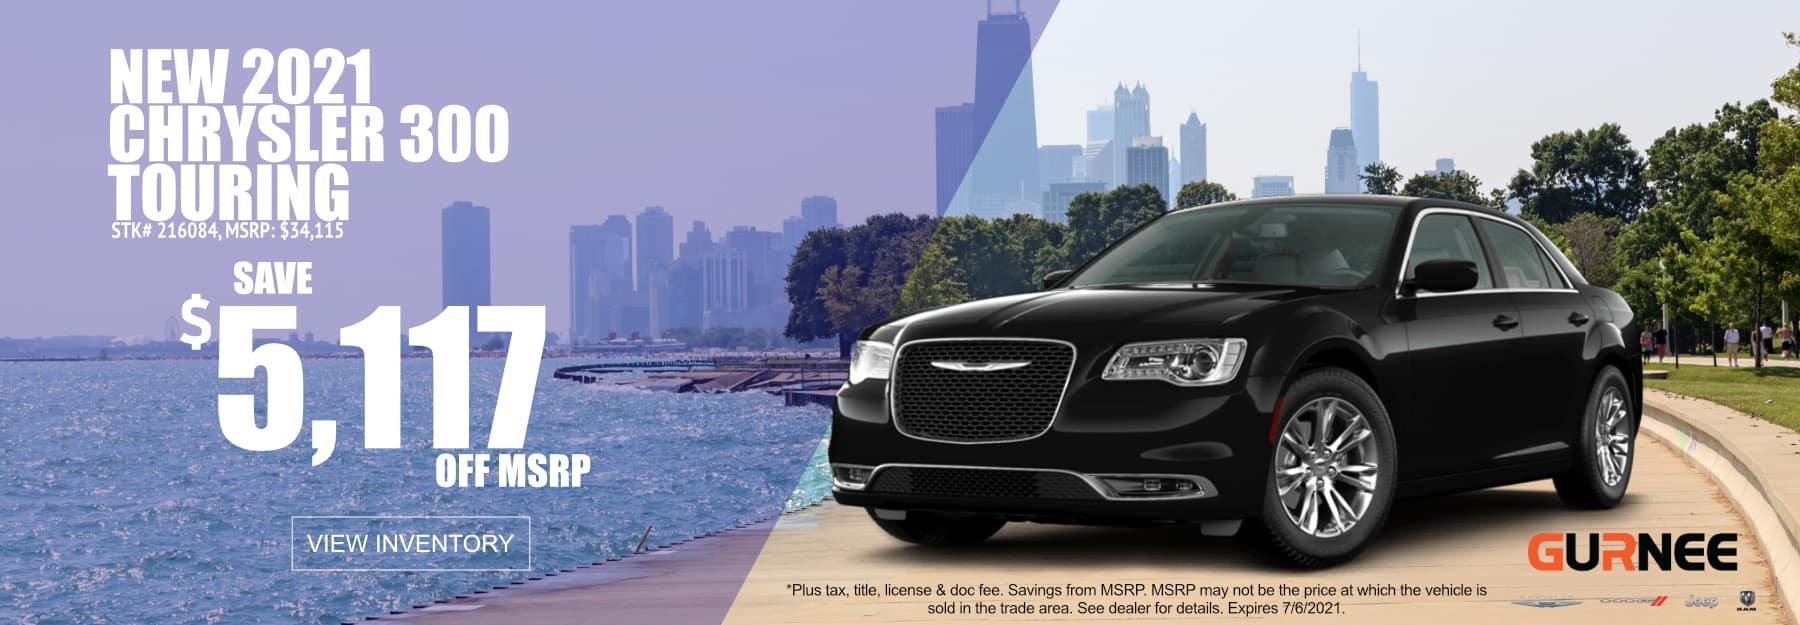 June_2021 Chrysler300_Gurnee